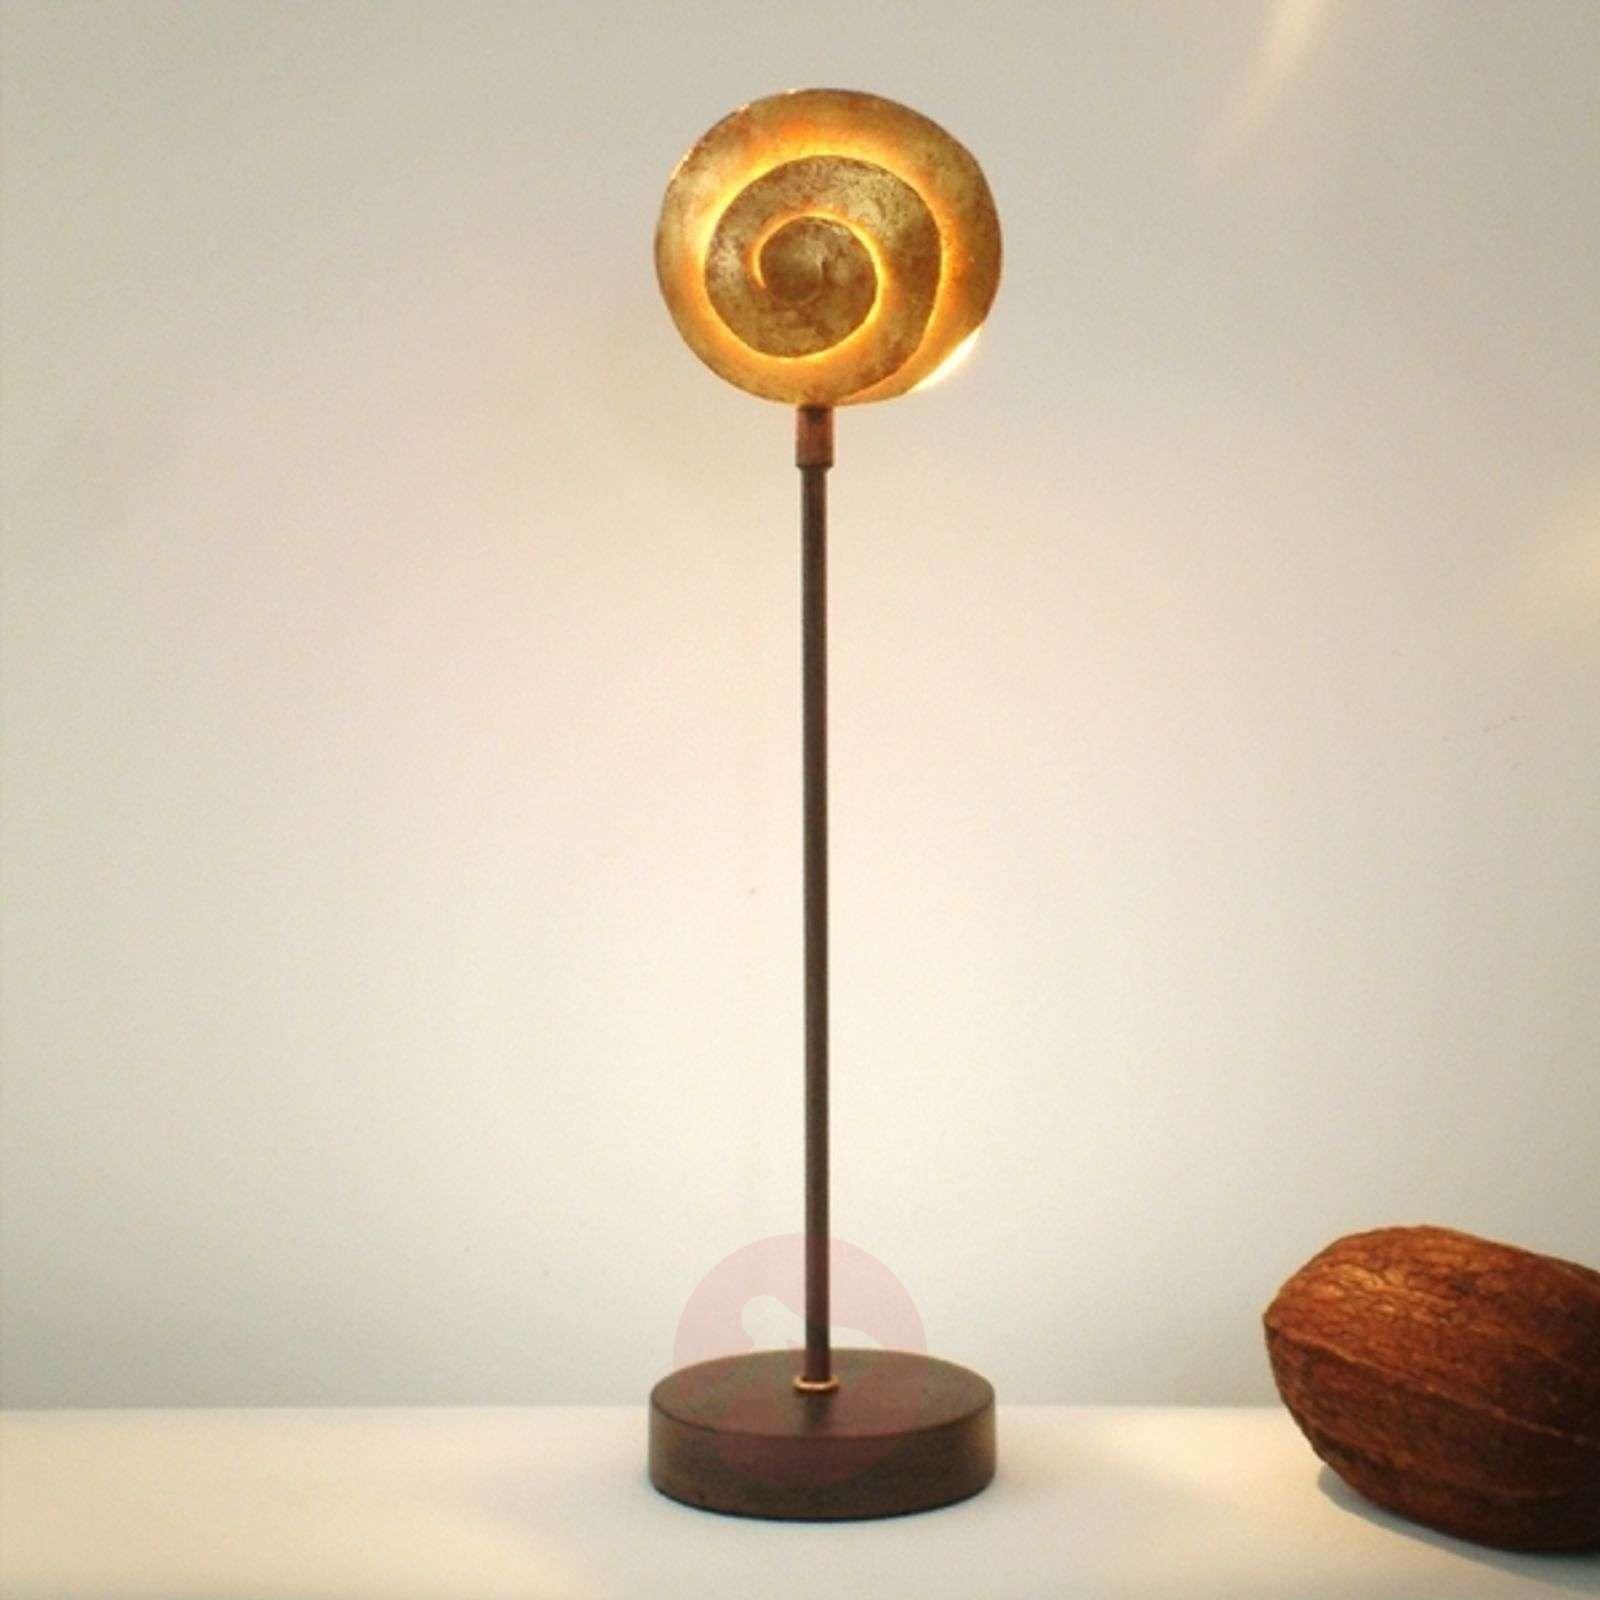 Kaunis rautainen pöytävalaisin Schnecke Gold-4512085-01